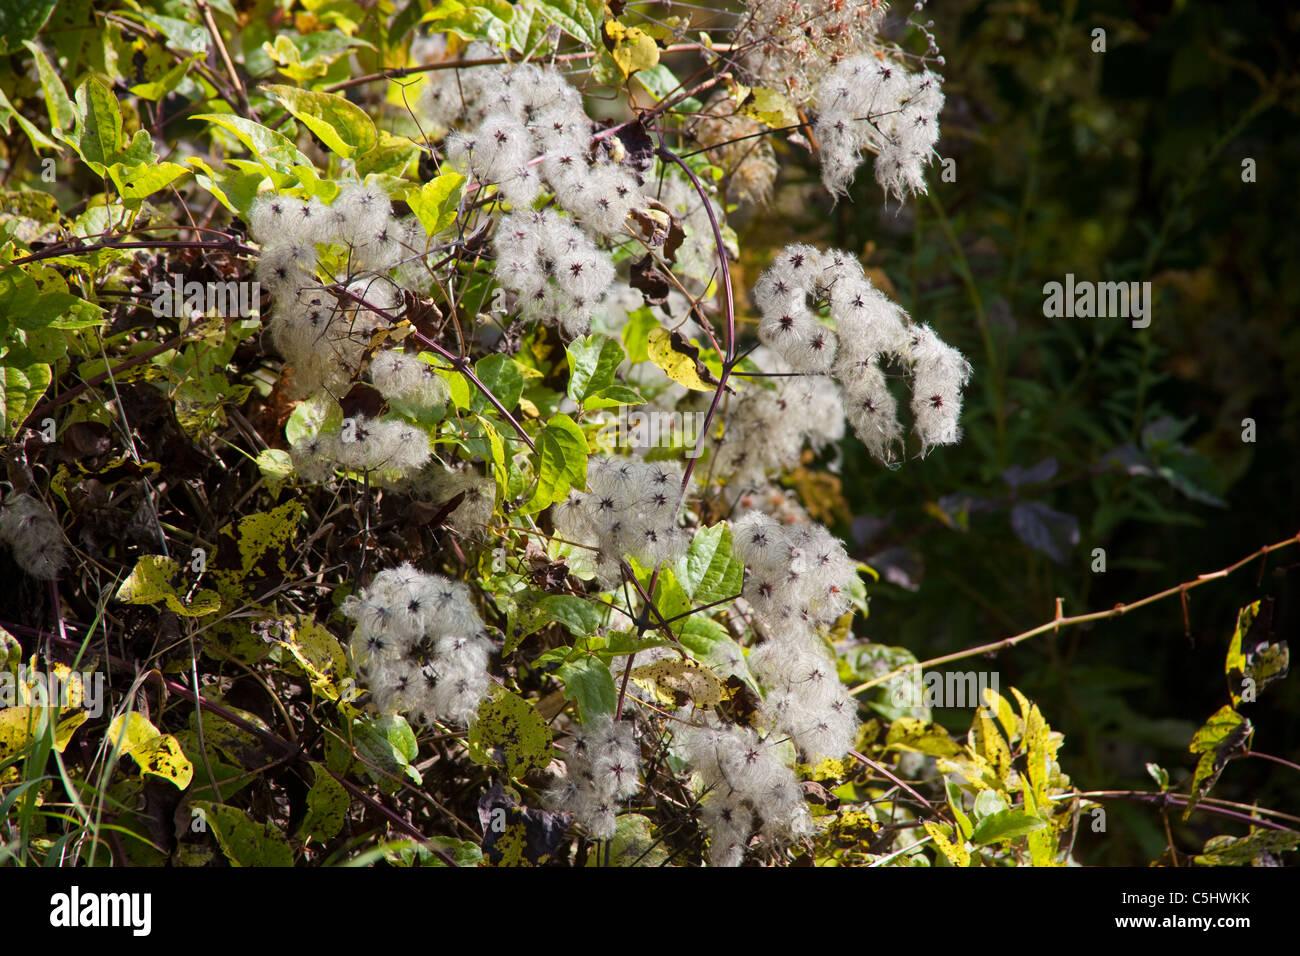 Gemeine Waldrebe oder Gewoehnliche Waldrebe, Clematis vitalba, Mosel Old Man's Beard, Clematis vitalba, Moselle Stock Photo